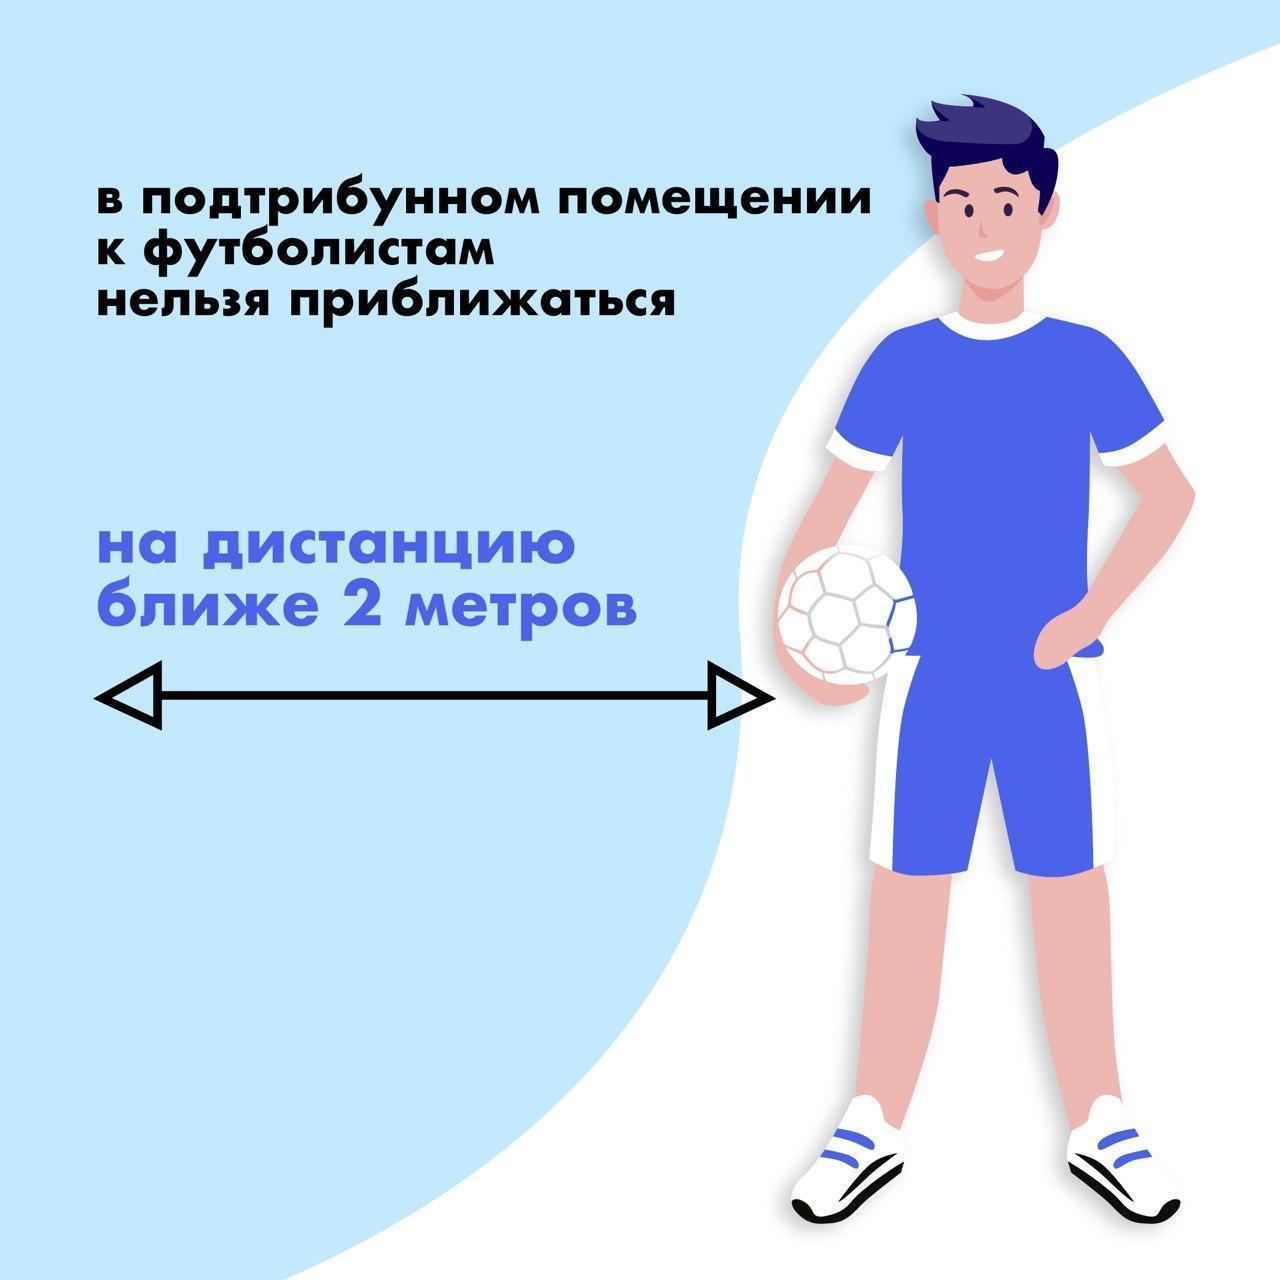 фото Паспорт, маски и перчатки: ФК «Новосибирск» ищет совершеннолетних подавальщиков мячей 3